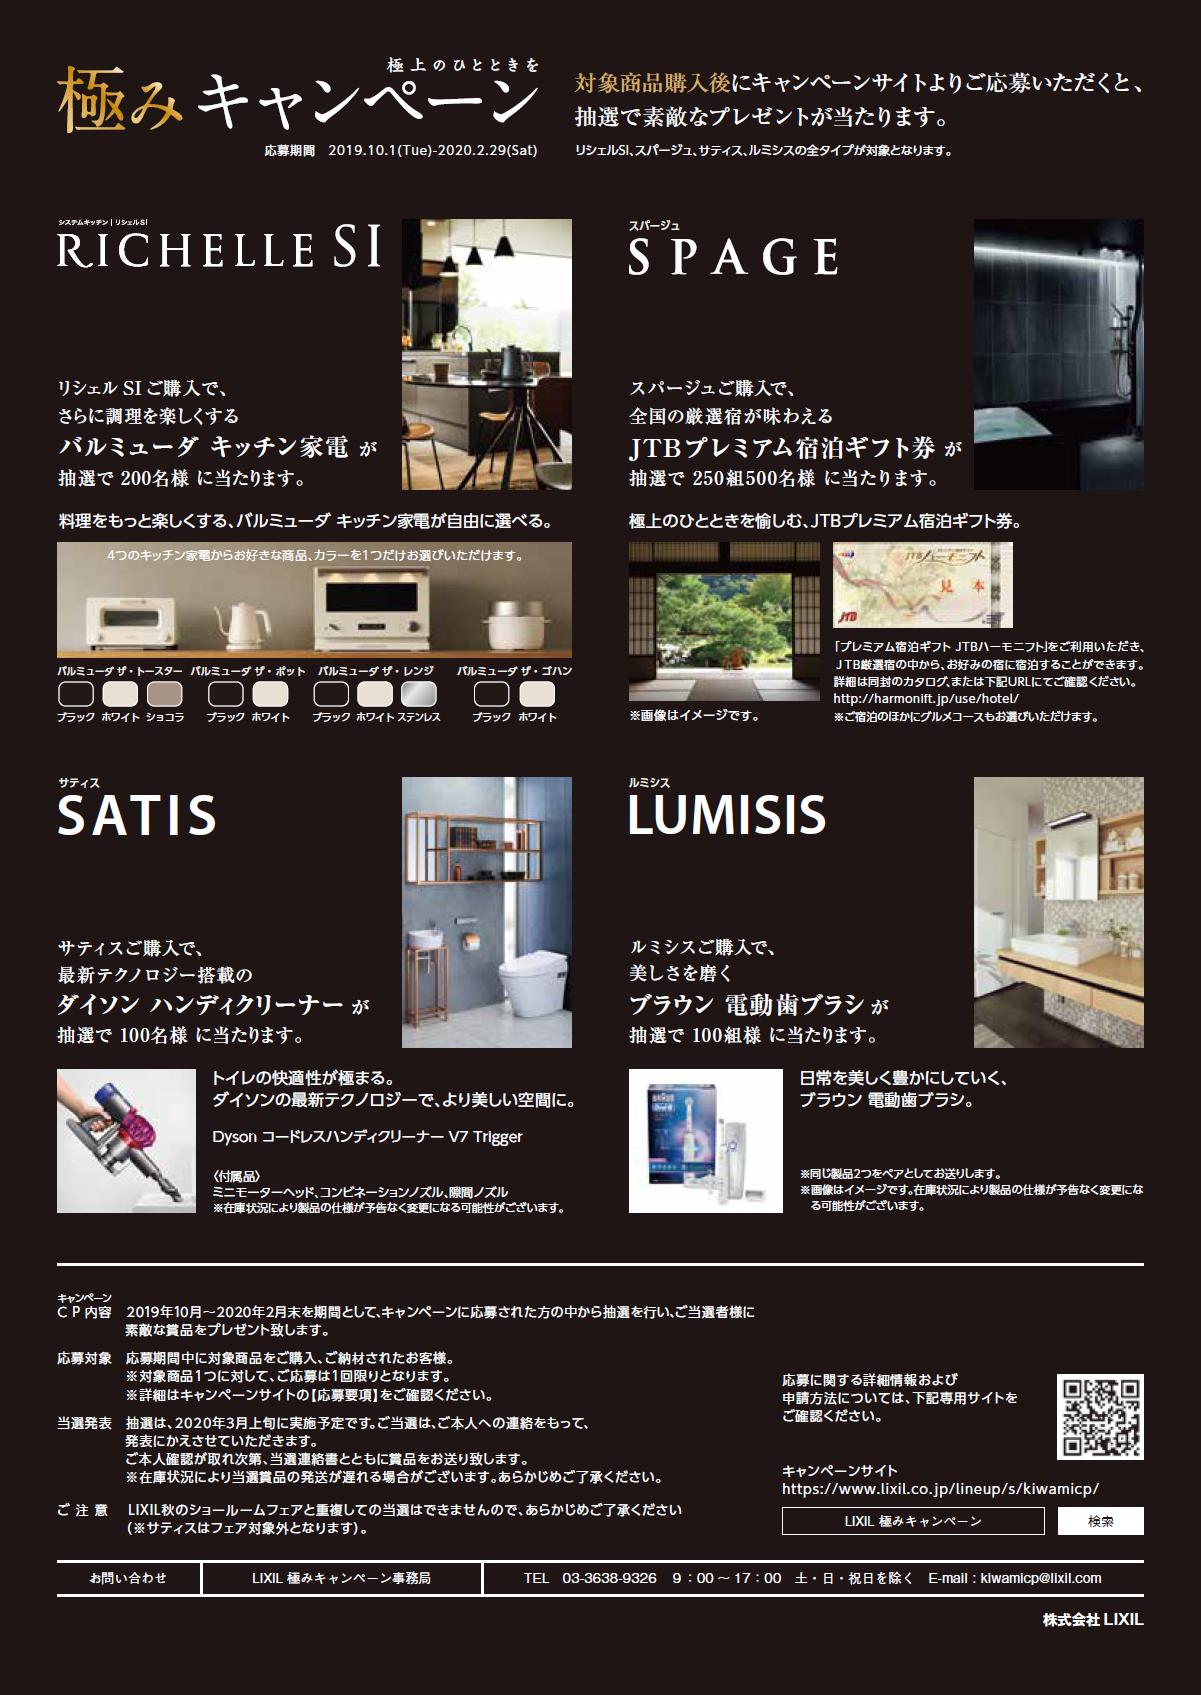 https://lixil-reformshop.jp/shop/SC00111008/photos/b703670774169a21487e5a2740f005f9a755124f.png